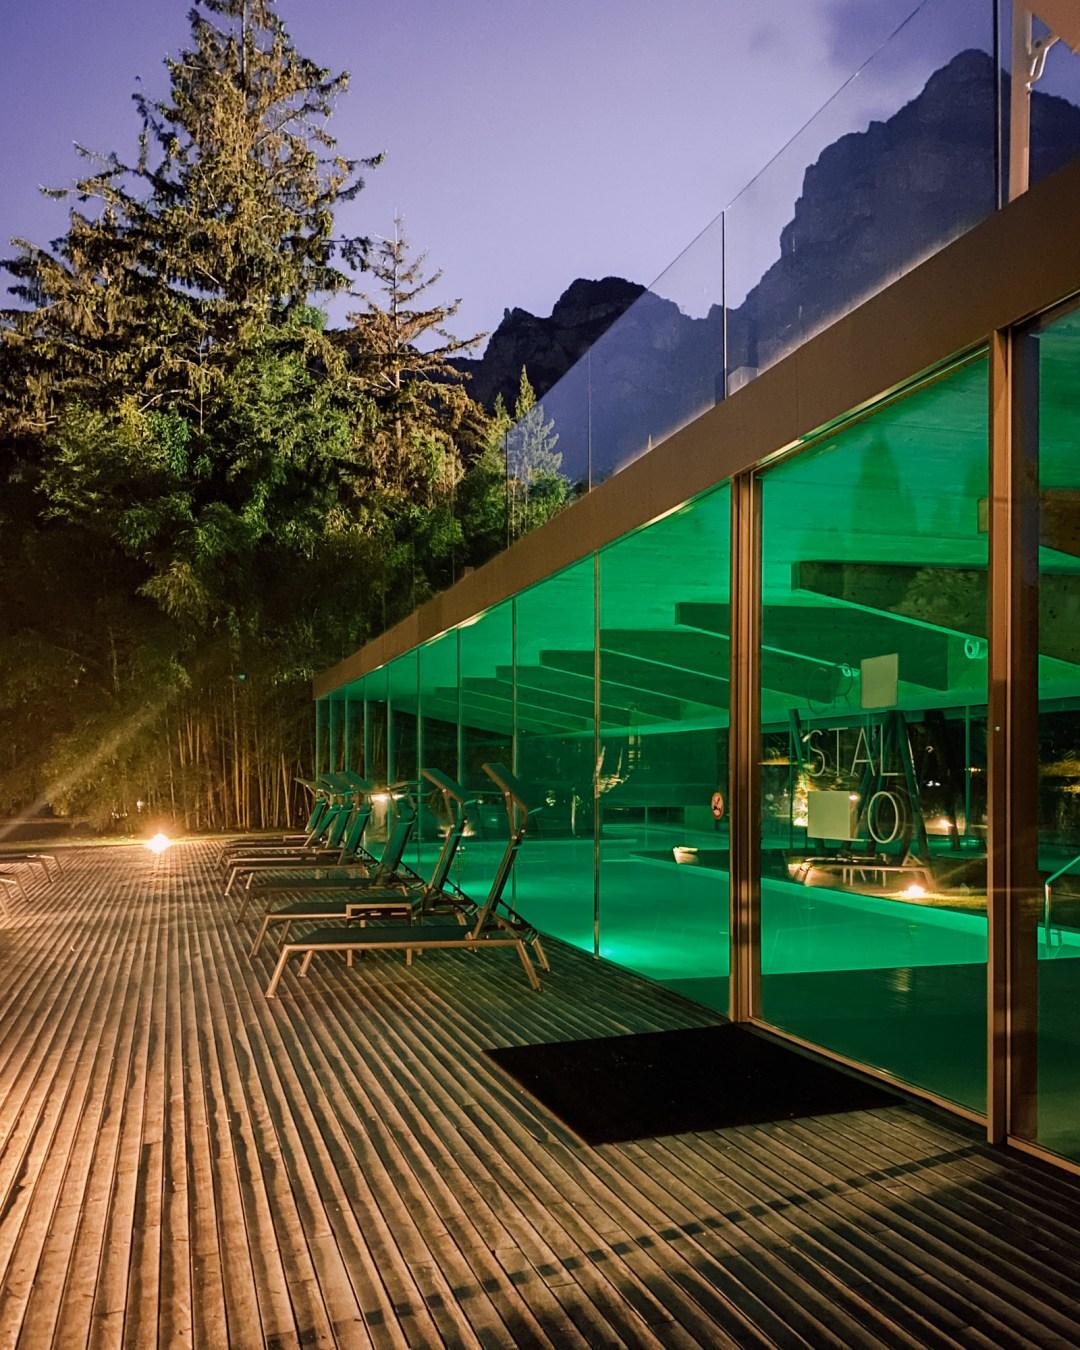 Inastil, Gardasee, Hotel Du Parc et Du Lac, Sommerstyle, Ü50Travelblogger, Riva del Garda, Urlaub, Auszeit, Sommerurlaub, Familienurlaub-94